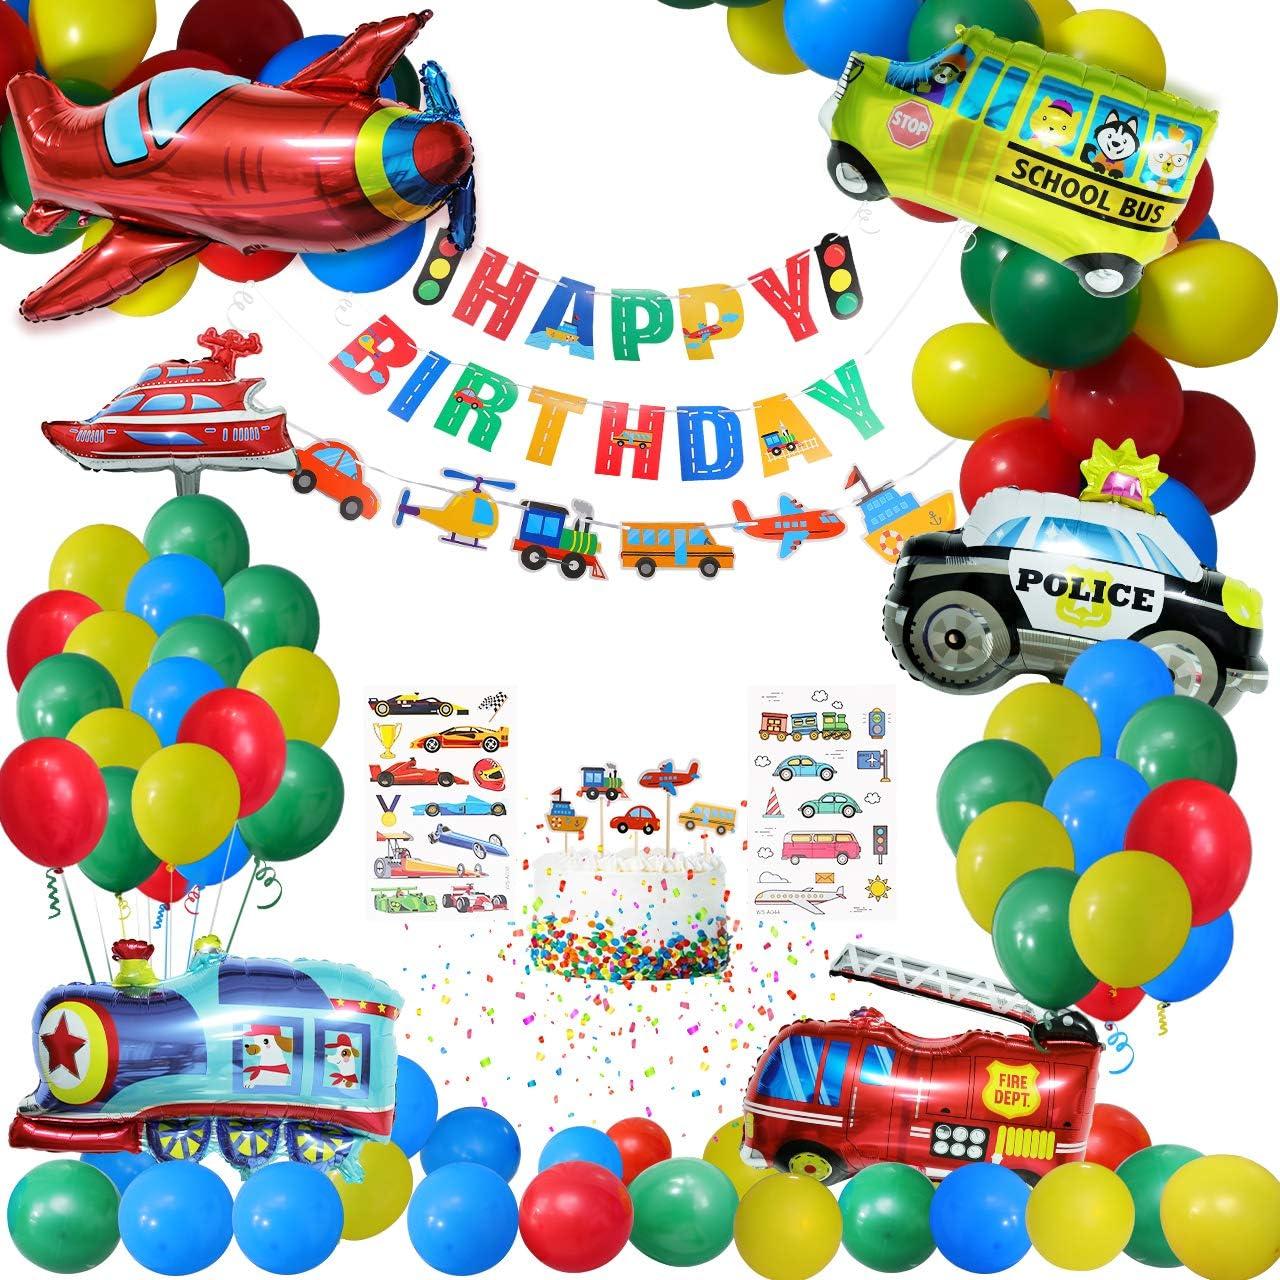 Gafild Globos Decoración de fiesta,Fiesta temática Decoracion Globos de latex Papel de aluminio Transporte Tema Avión Tren Coche de policía Autobús Escolar Yate Camión de Bomberos para Niño Cumpleaños